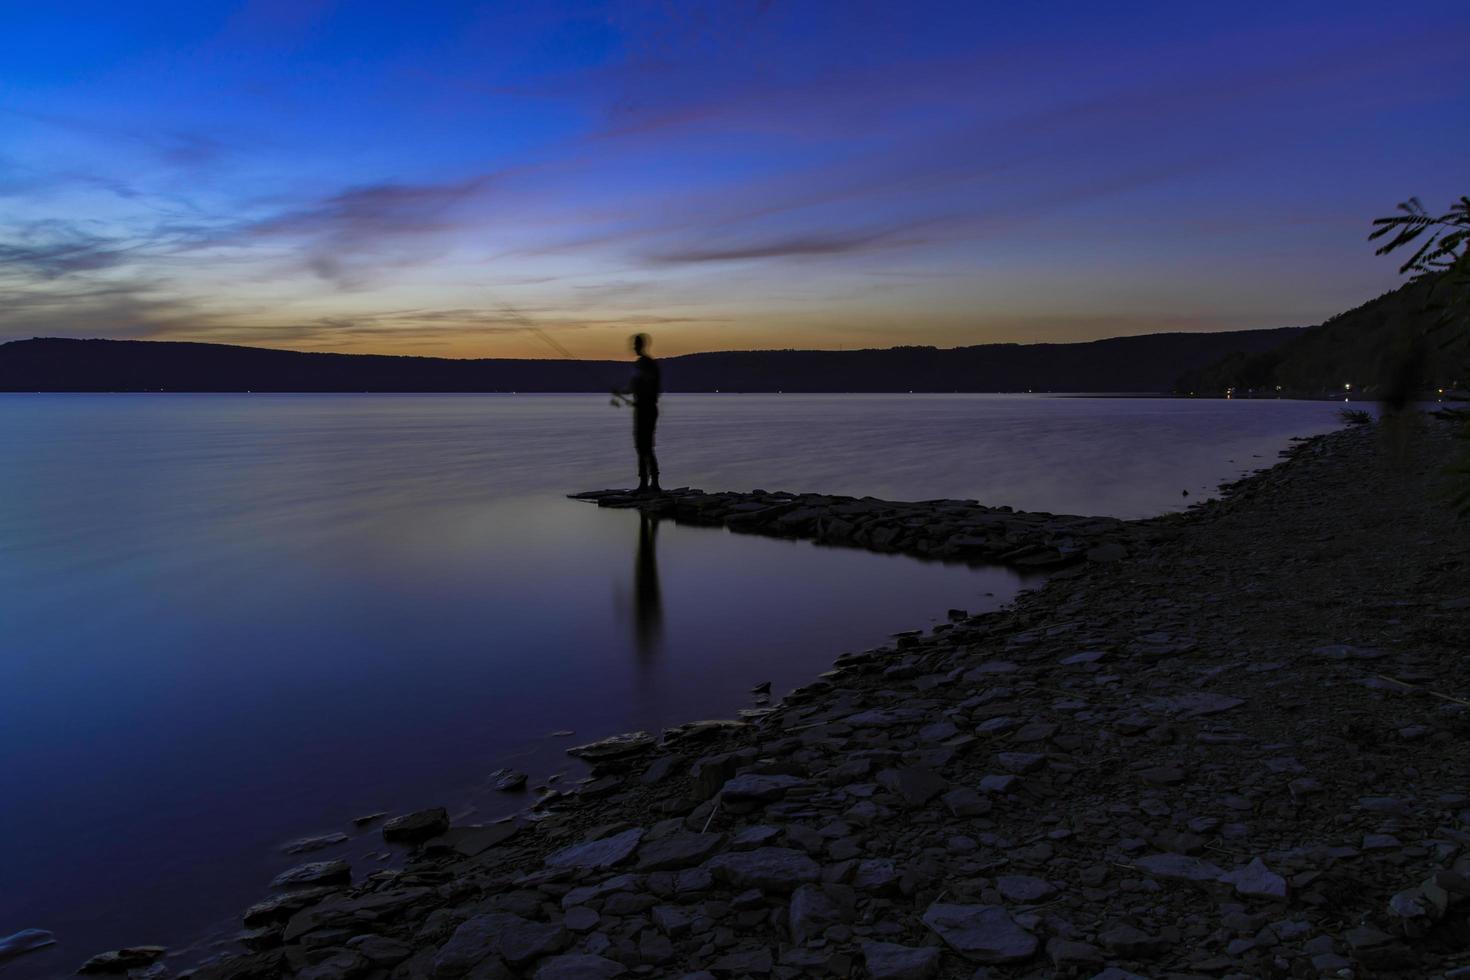 uomo in piedi sulla riva del mare foto